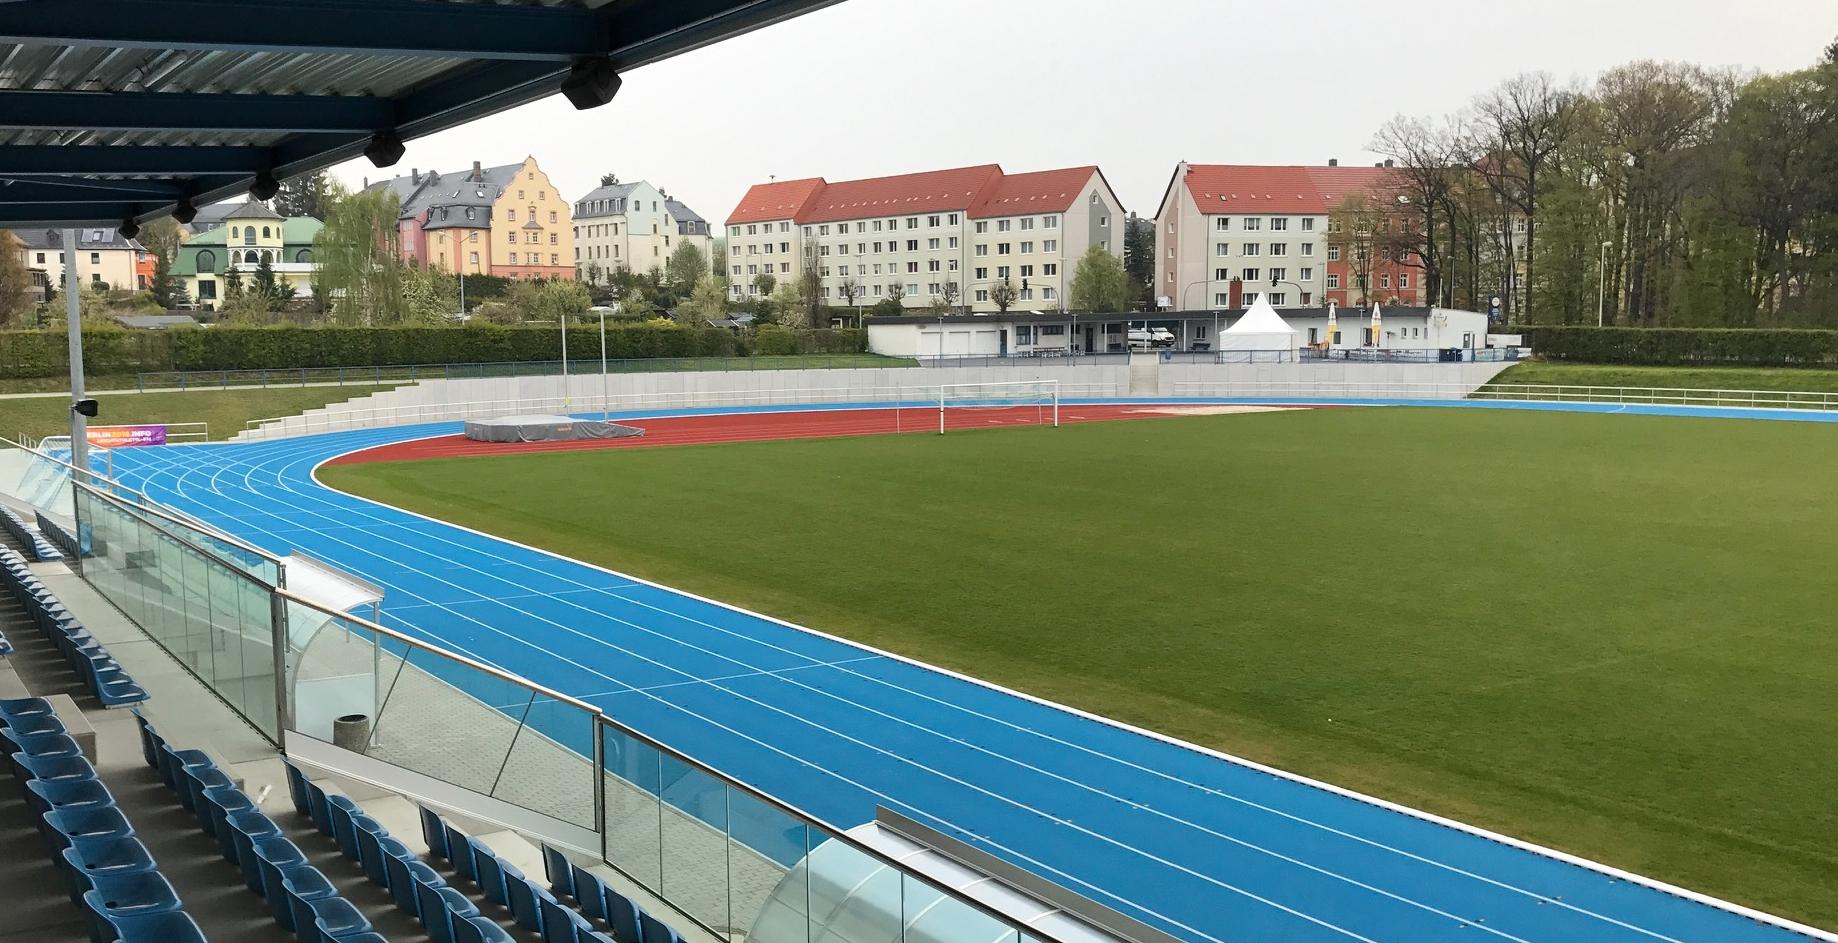 Leichtathletikanlagen in blau und rot prägen das Bild des neuen Stadions am Schwanenteich in Mittweida. Foto: Kutter Landschafts- und Sportplatzbau